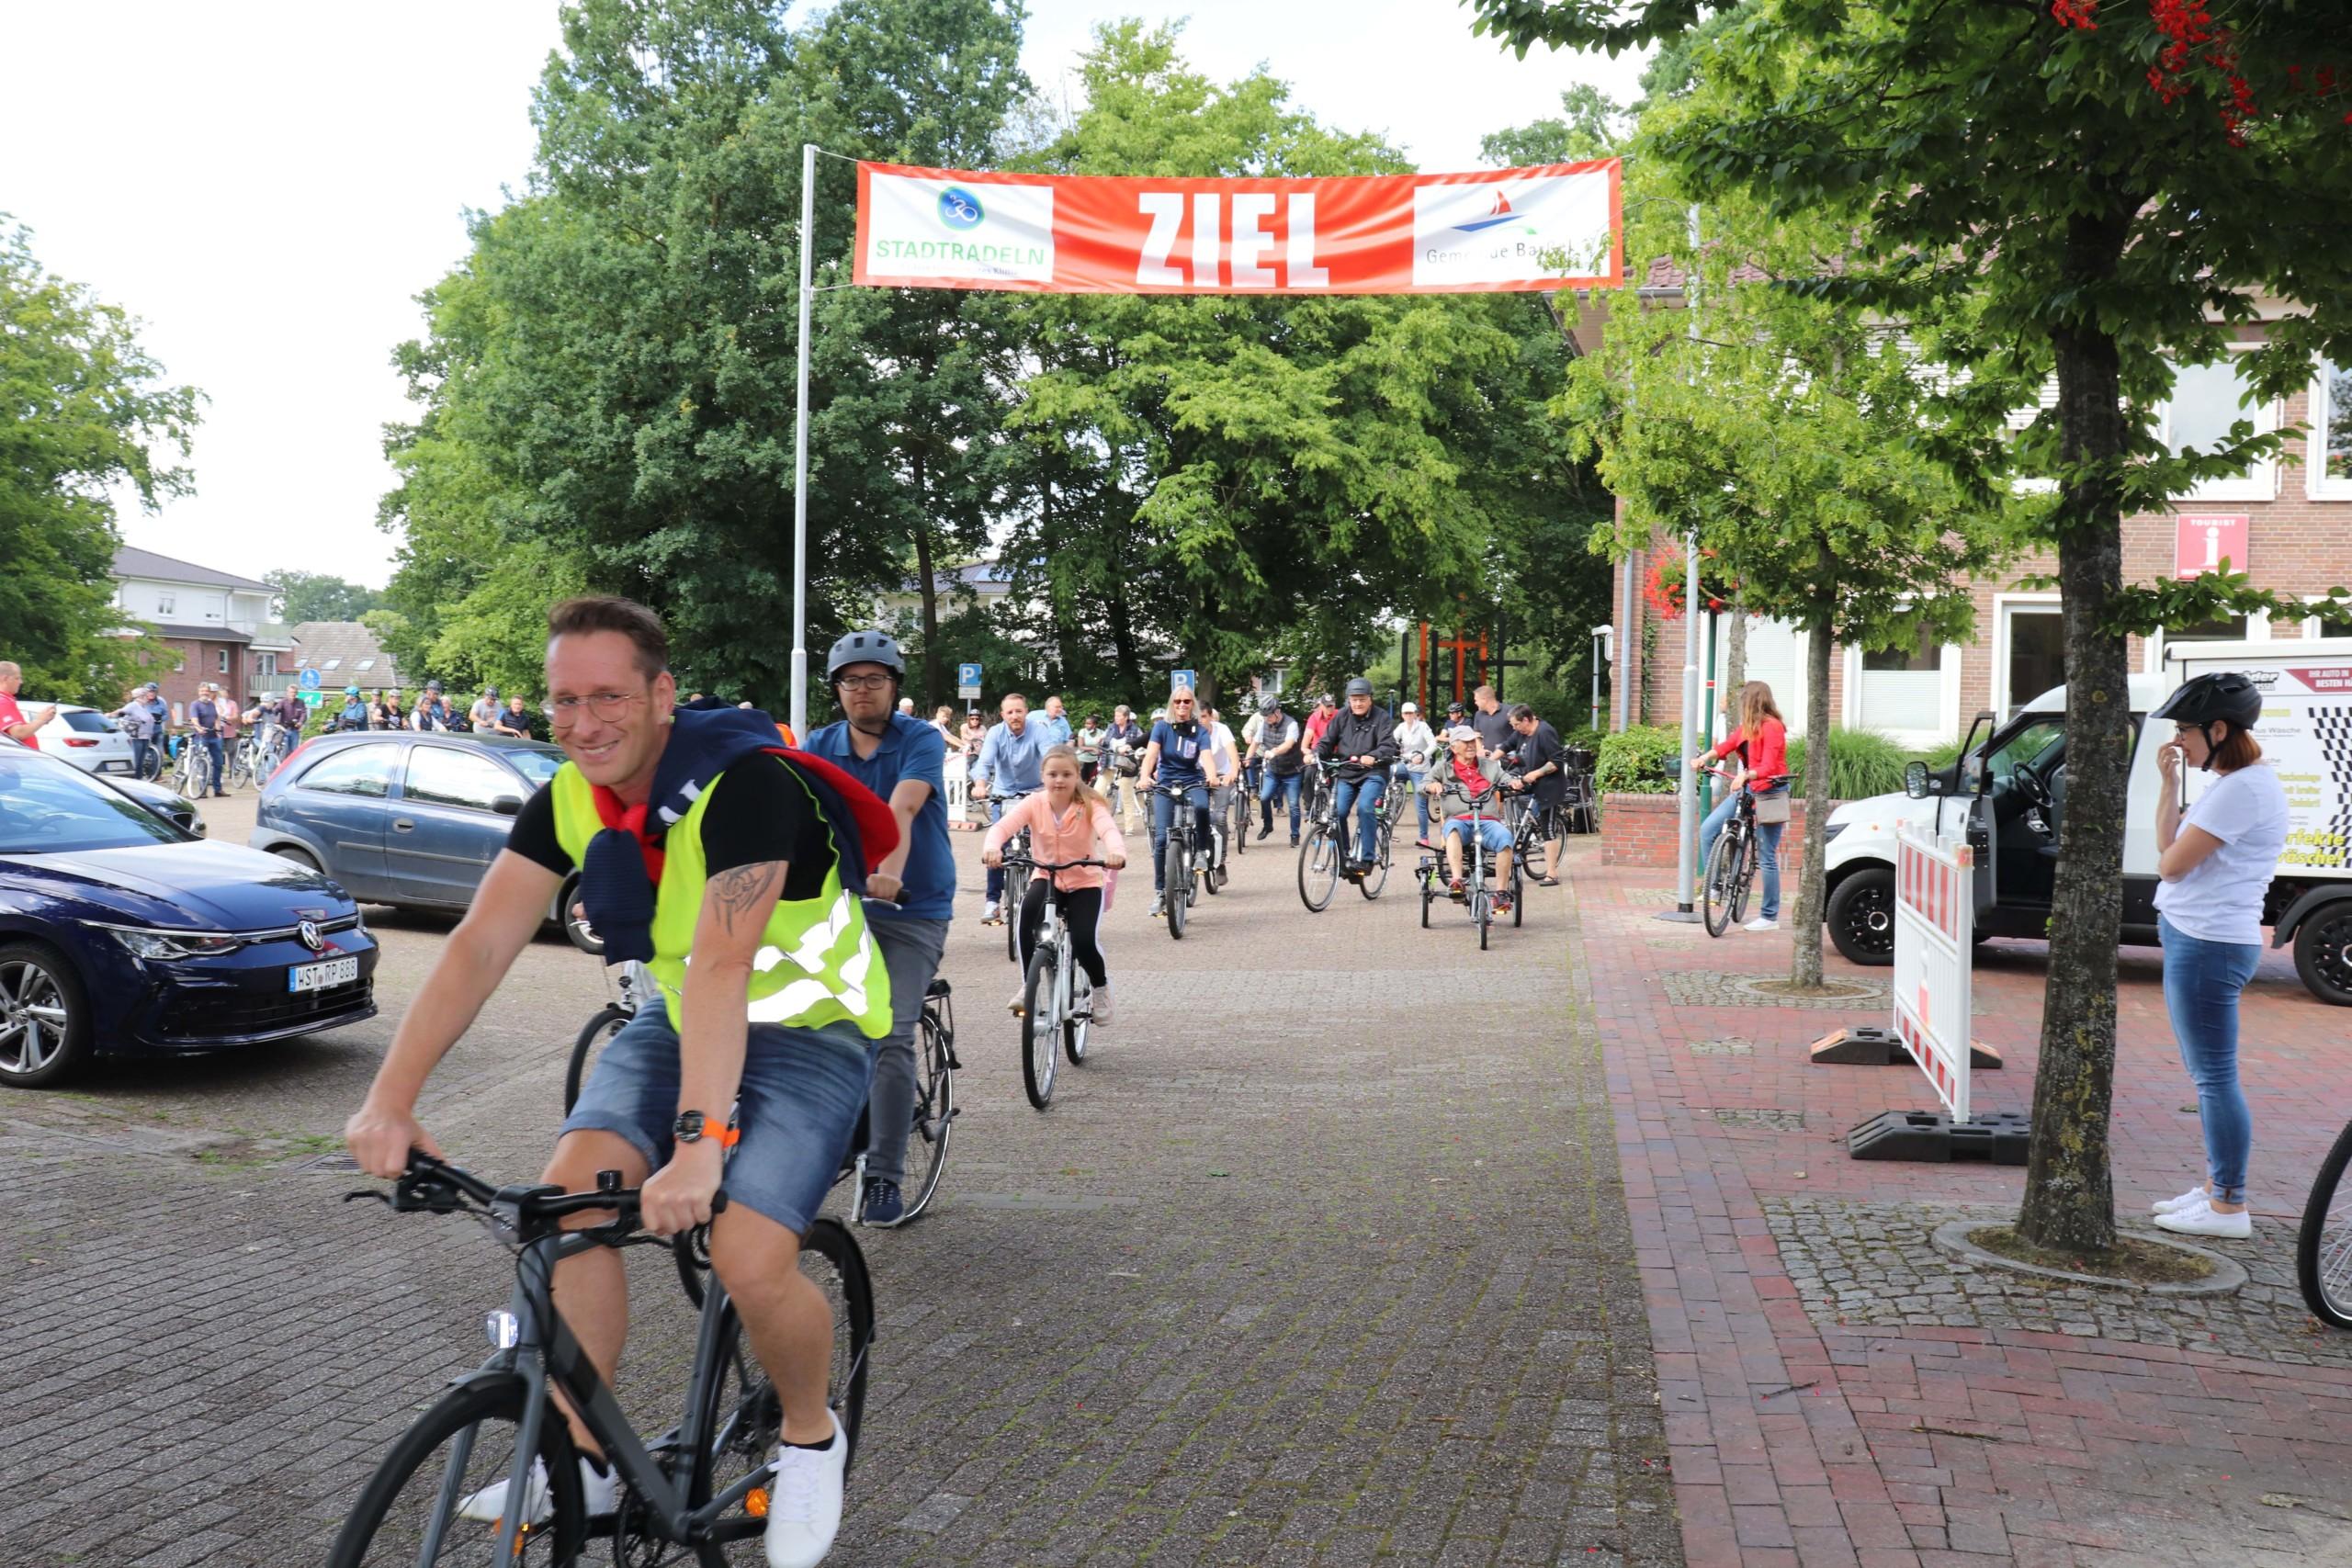 Die Radlerinnen und Radler machten sich vom Rathaus aus auf den Weg zur Auftaktfahrradtour. Aufnahme: Gemeinde Barßel